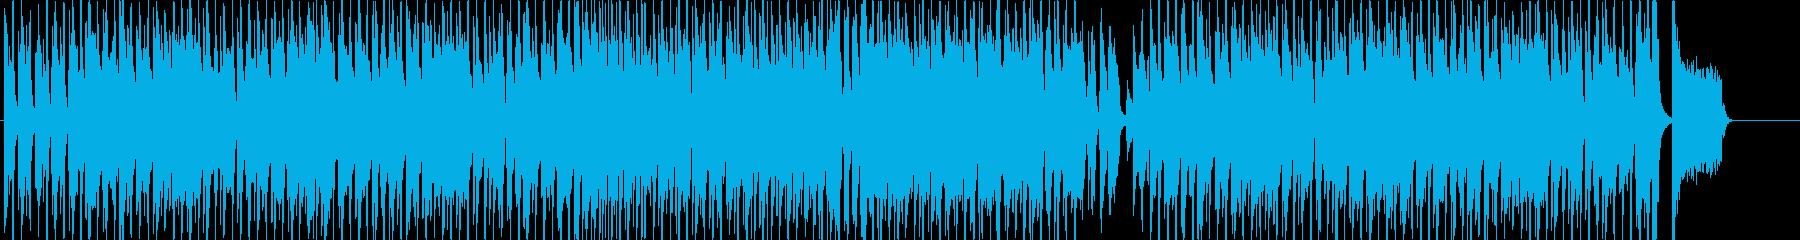 元気でハッピーなほのぼのとしたBGMの再生済みの波形